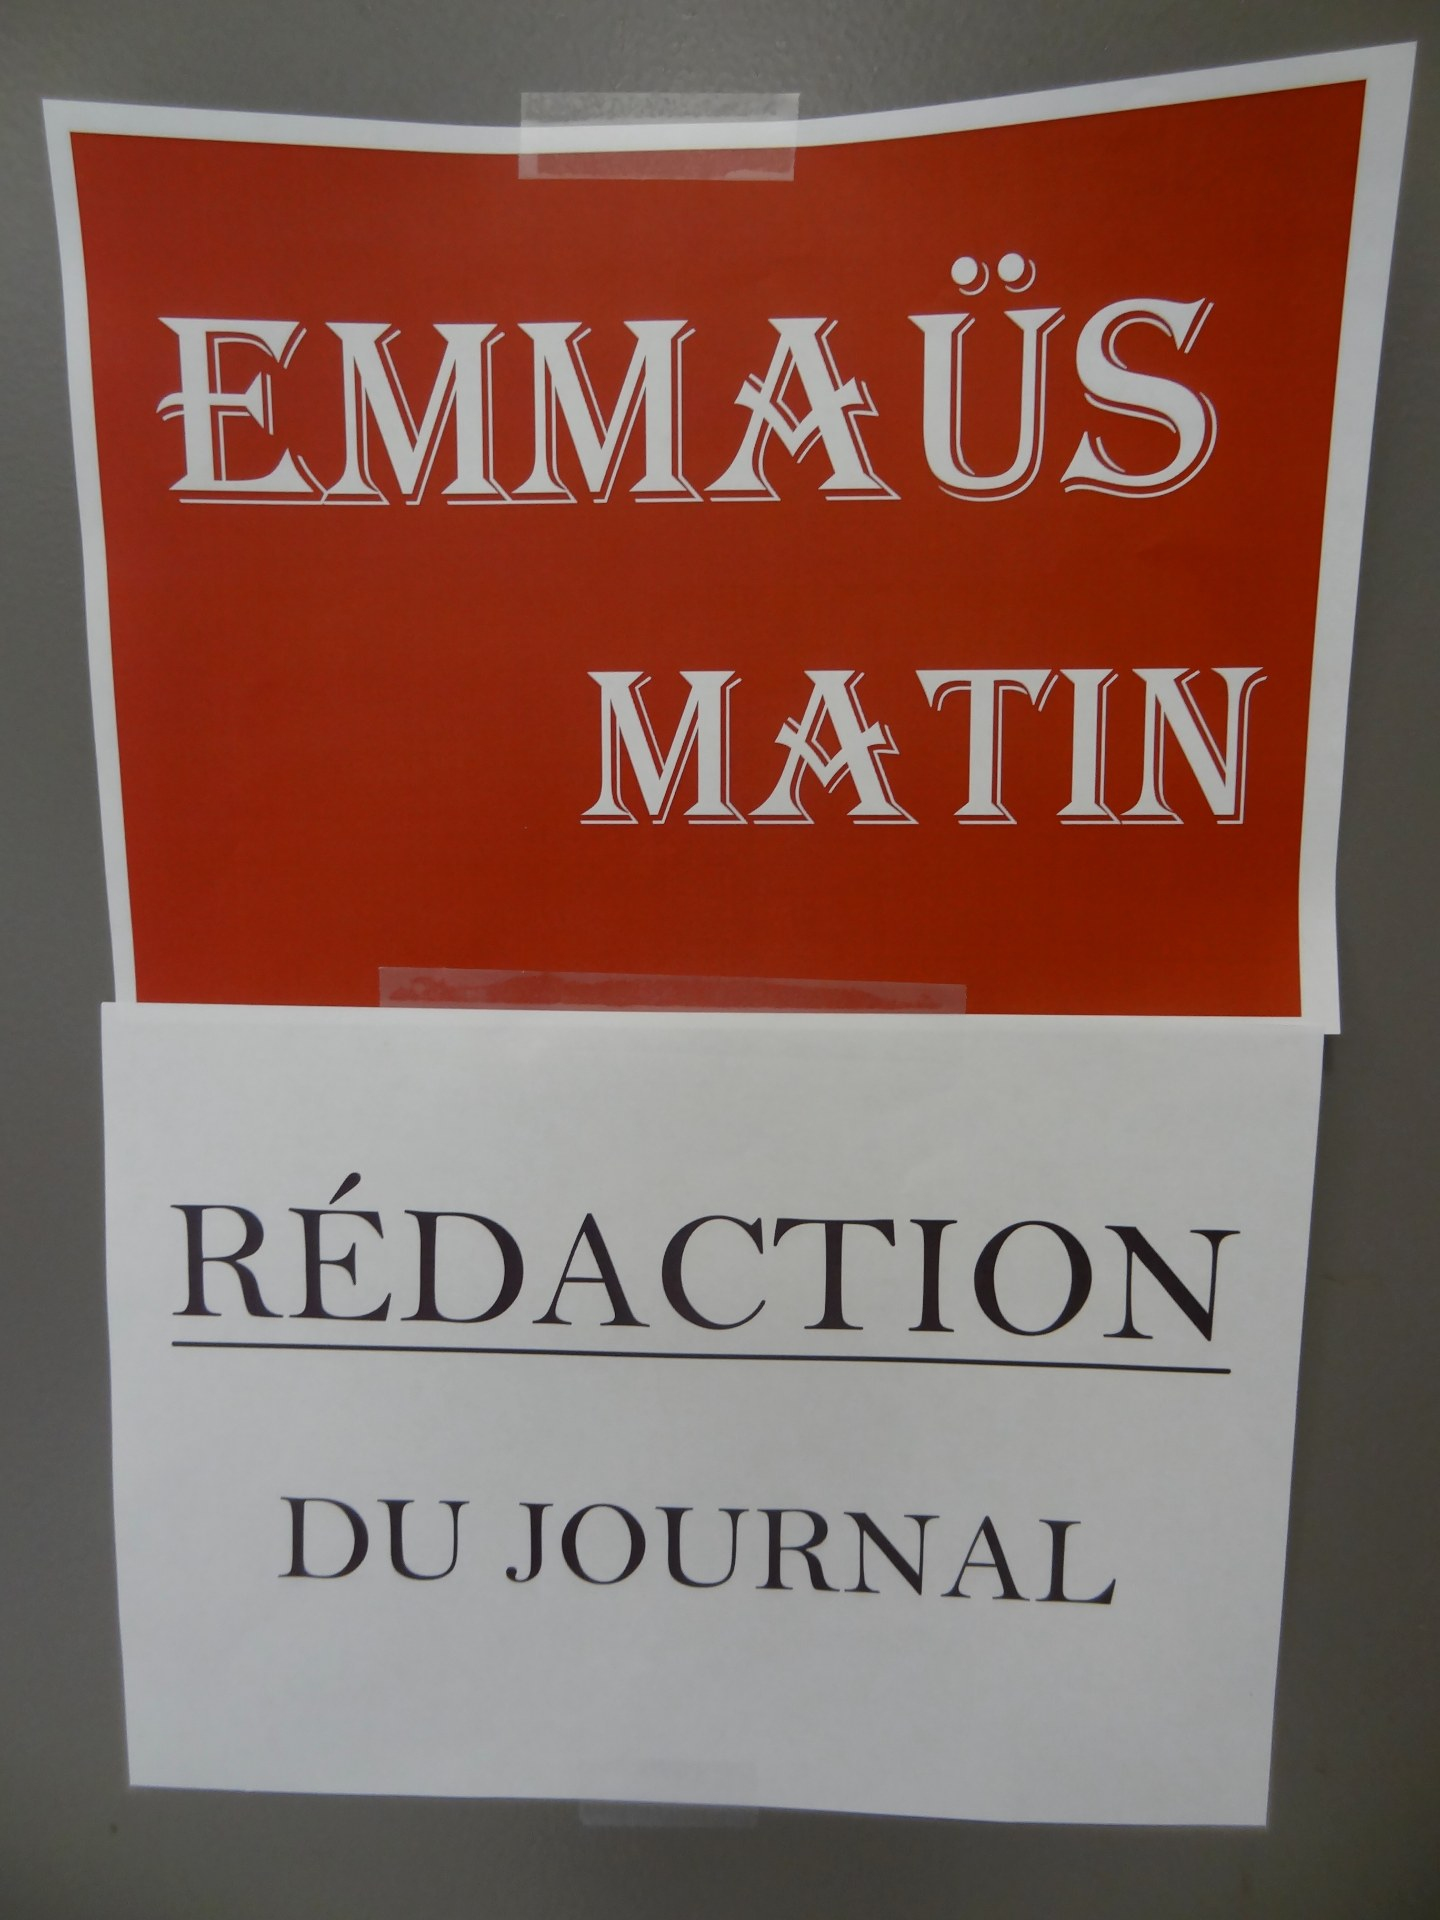 2. Emmaus Matin